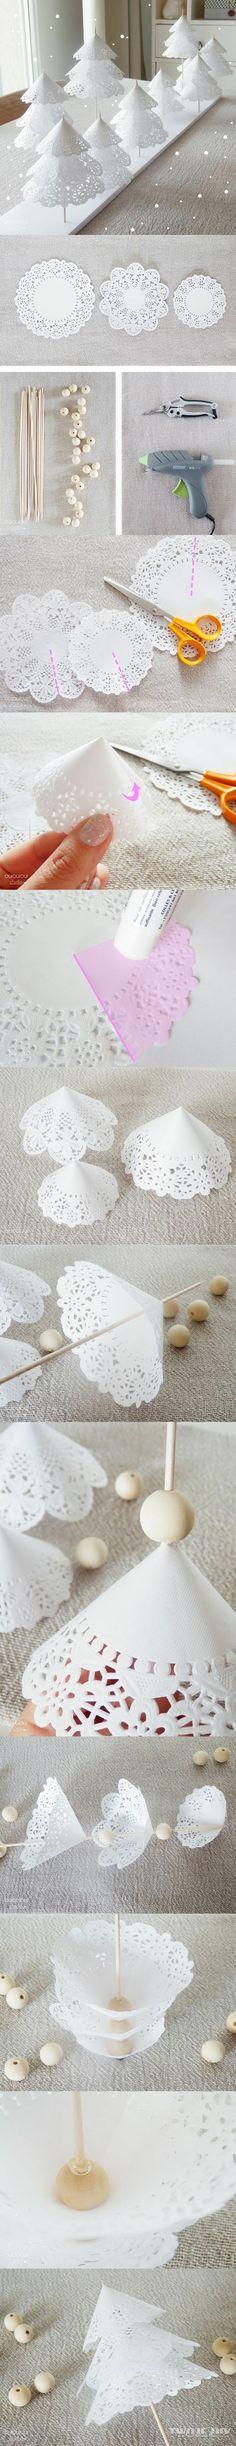 Как сделать елку из бумажных салфеток